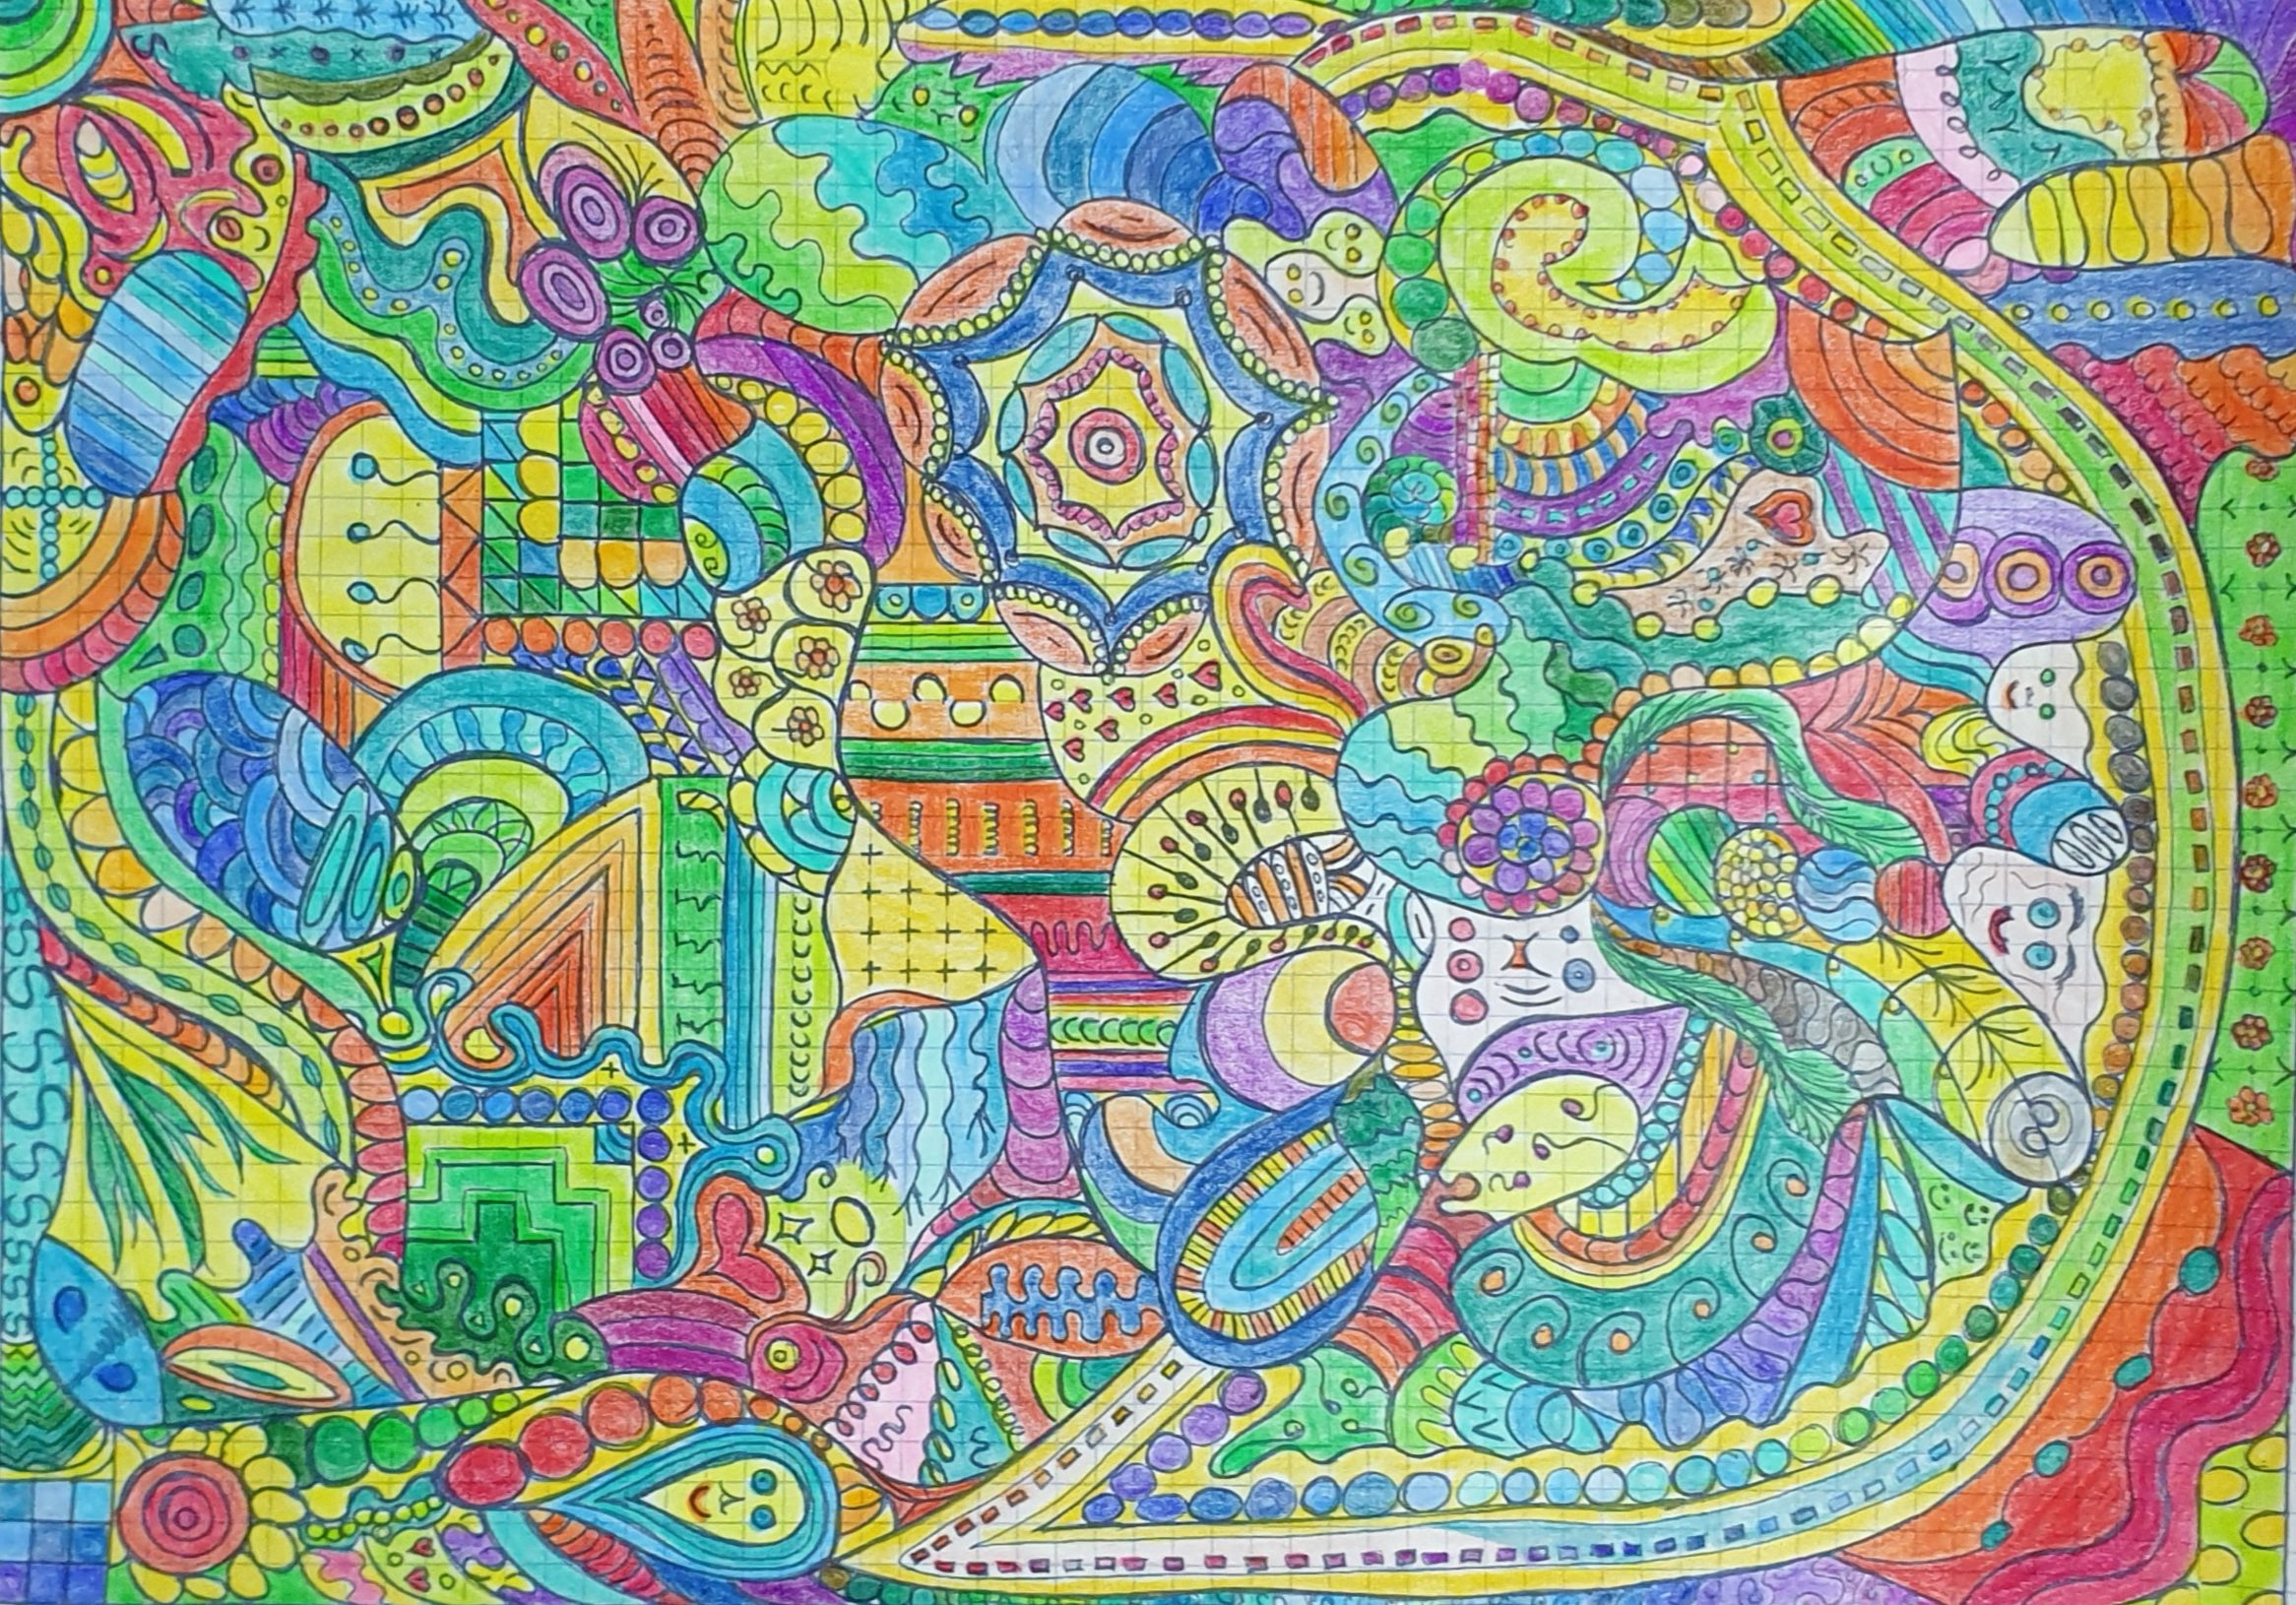 L'art-thérapie, pour mieux se connaître